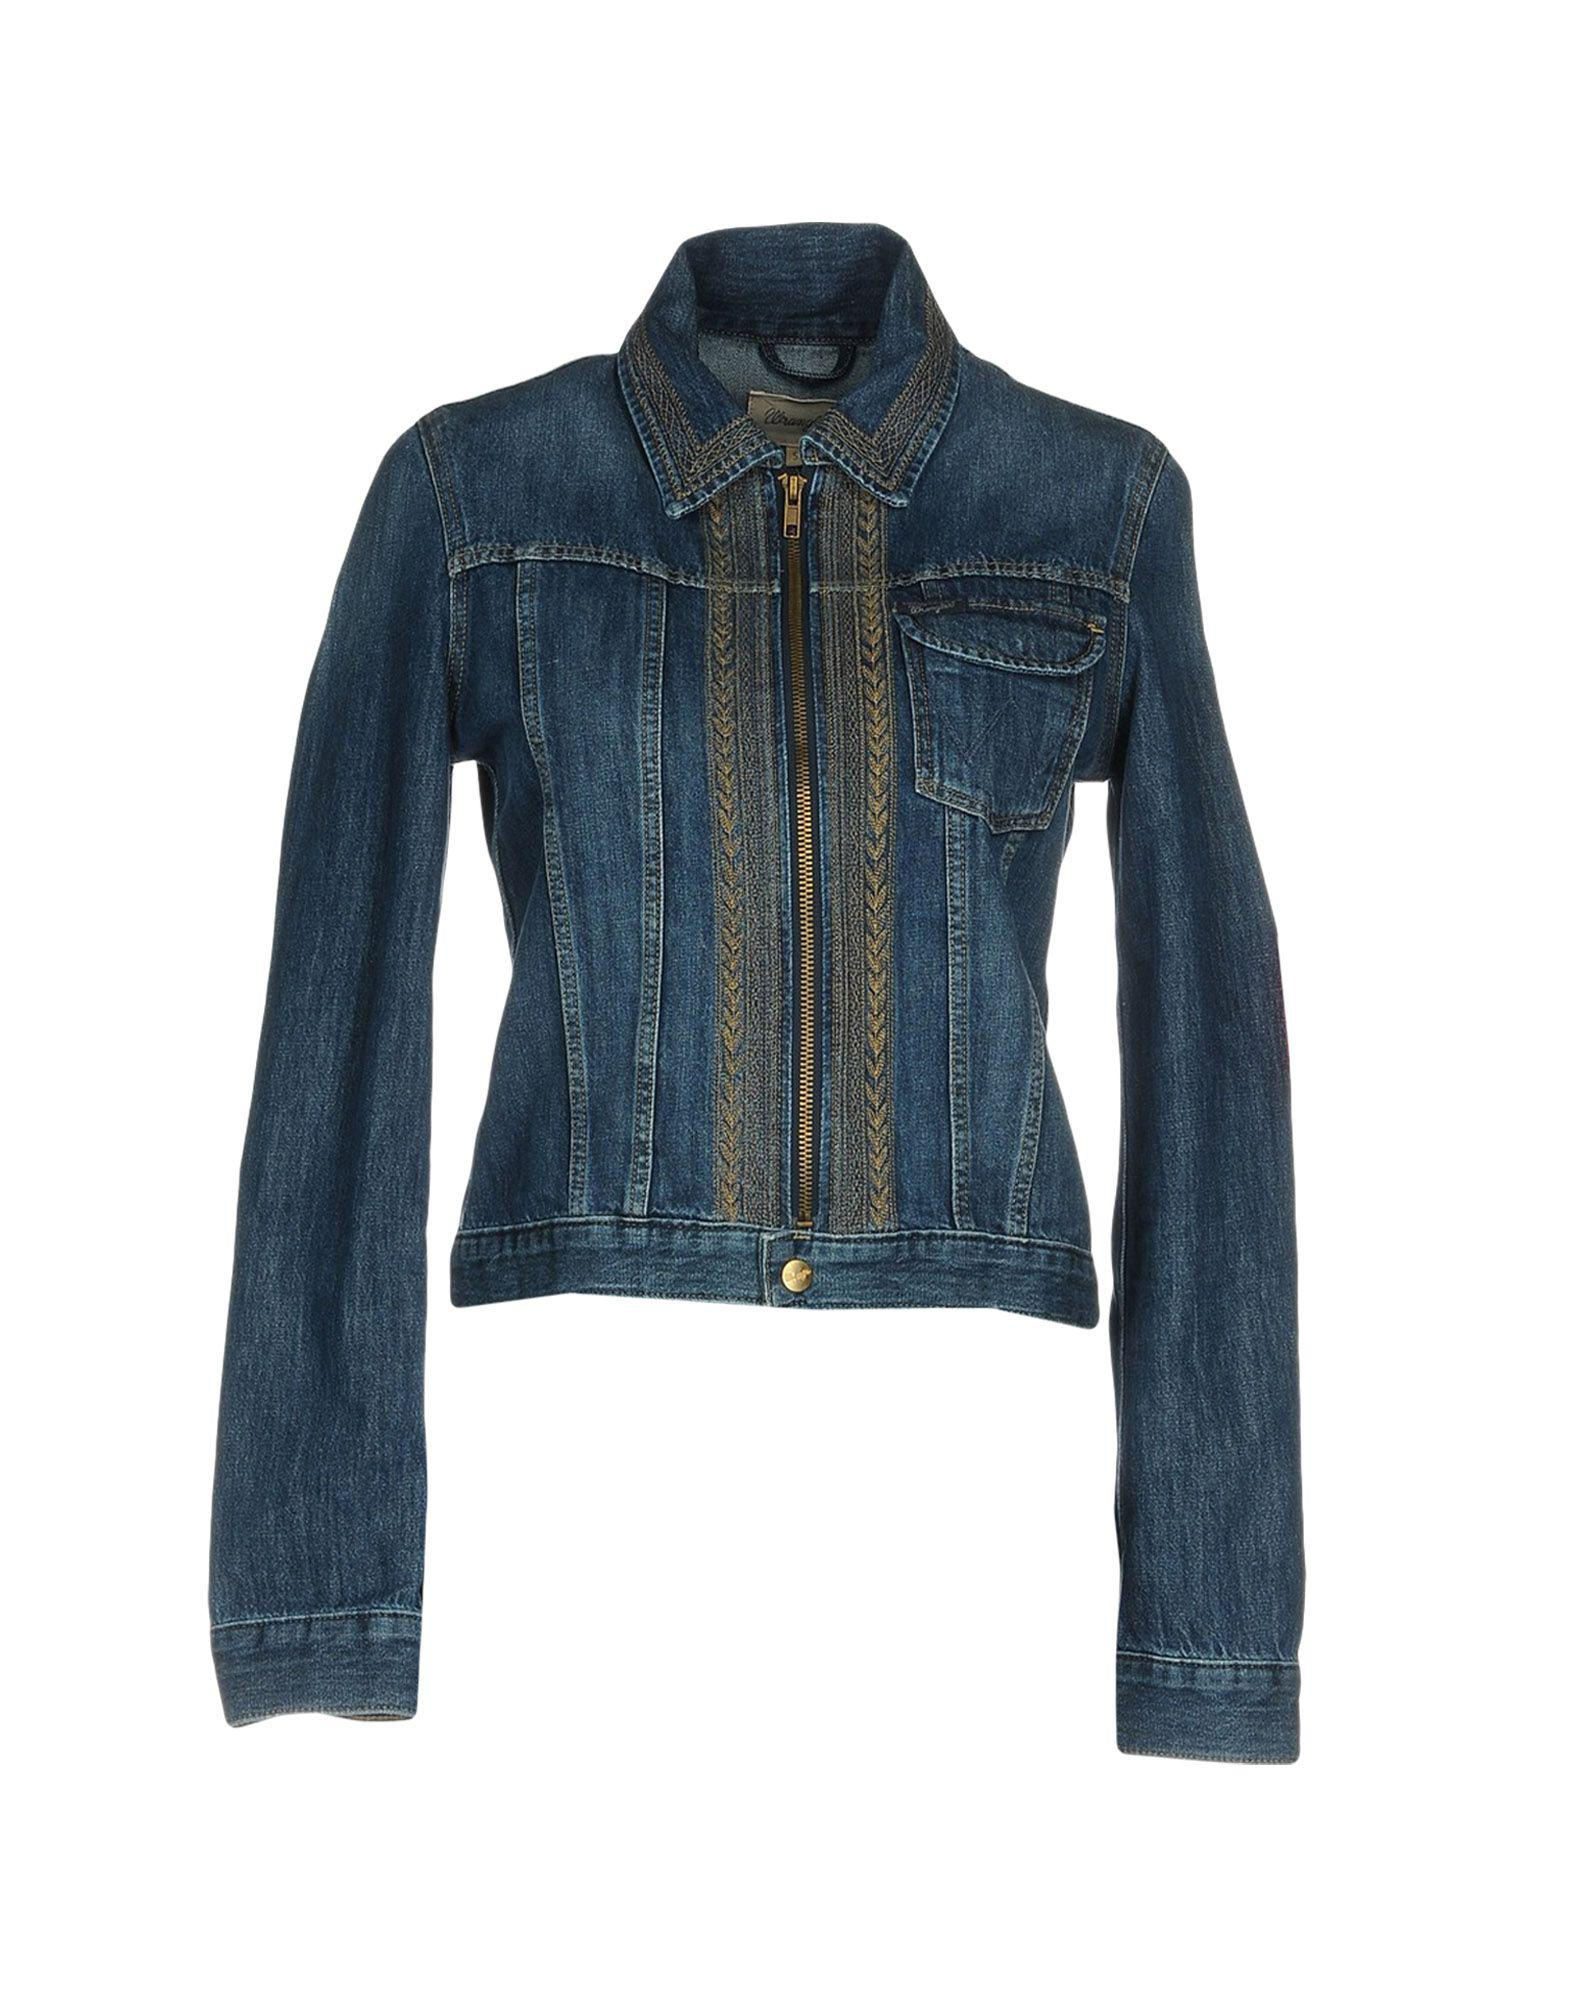 Wrangler denim outerwear in blue lyst for Wrangler denim shirts uk